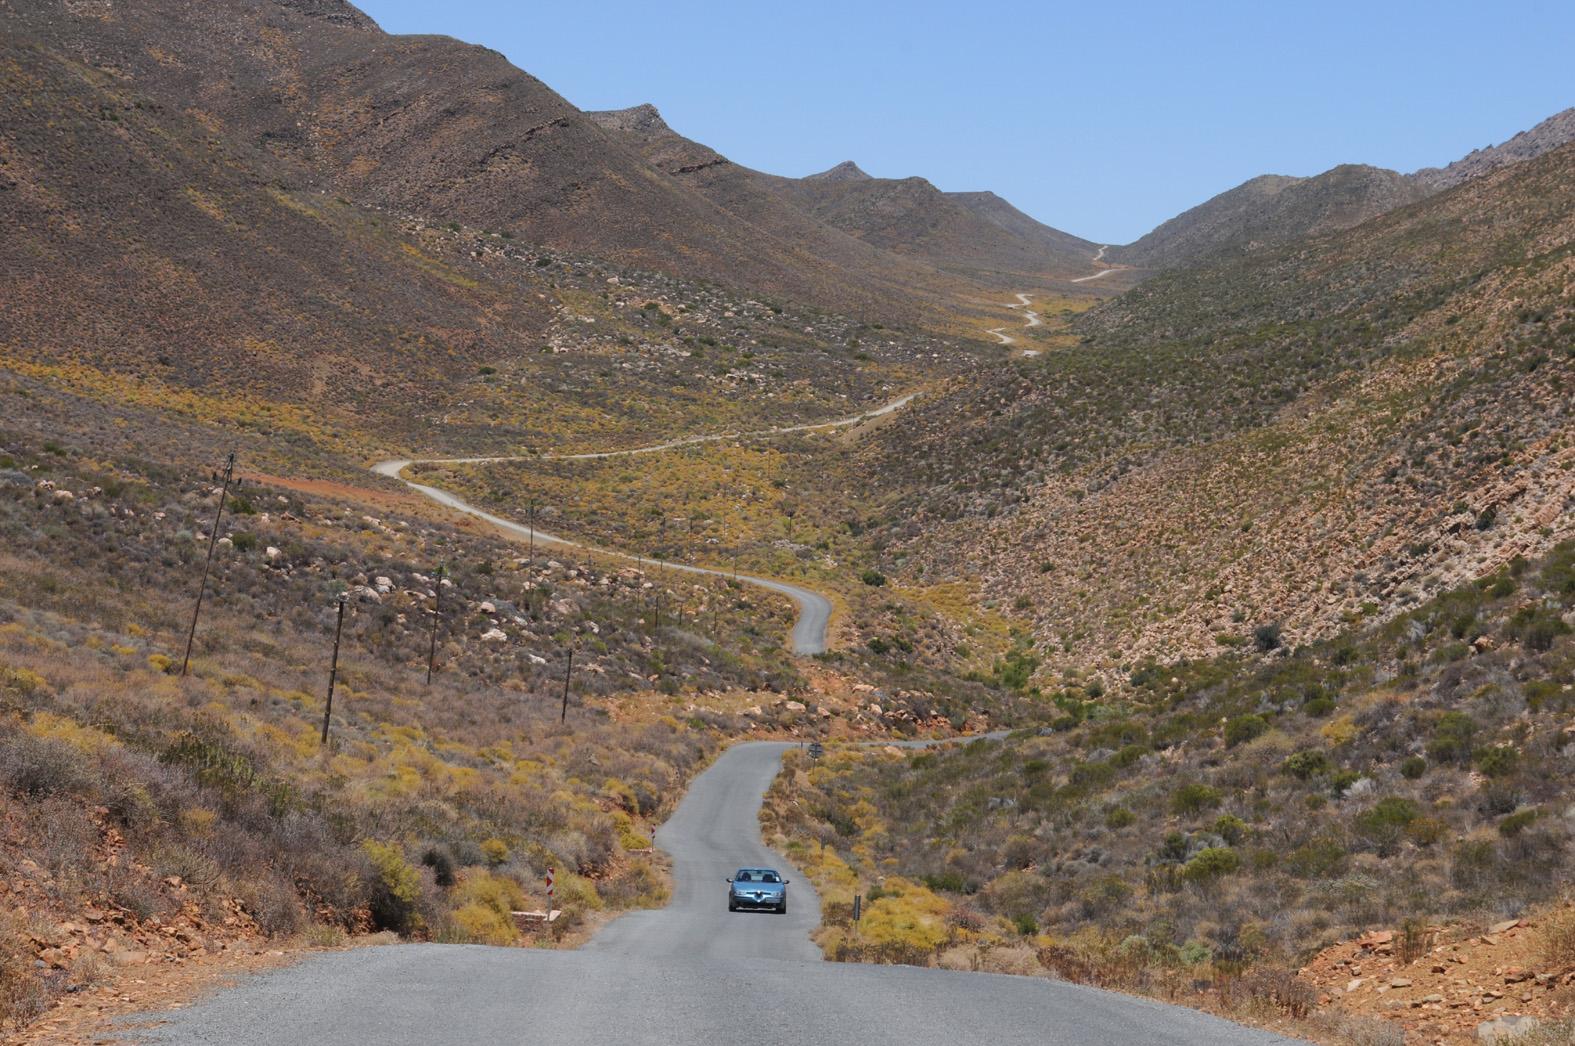 foto: Tom van der Leij van landschap Zuid-Afrika met weg erdoorheen en auto erop